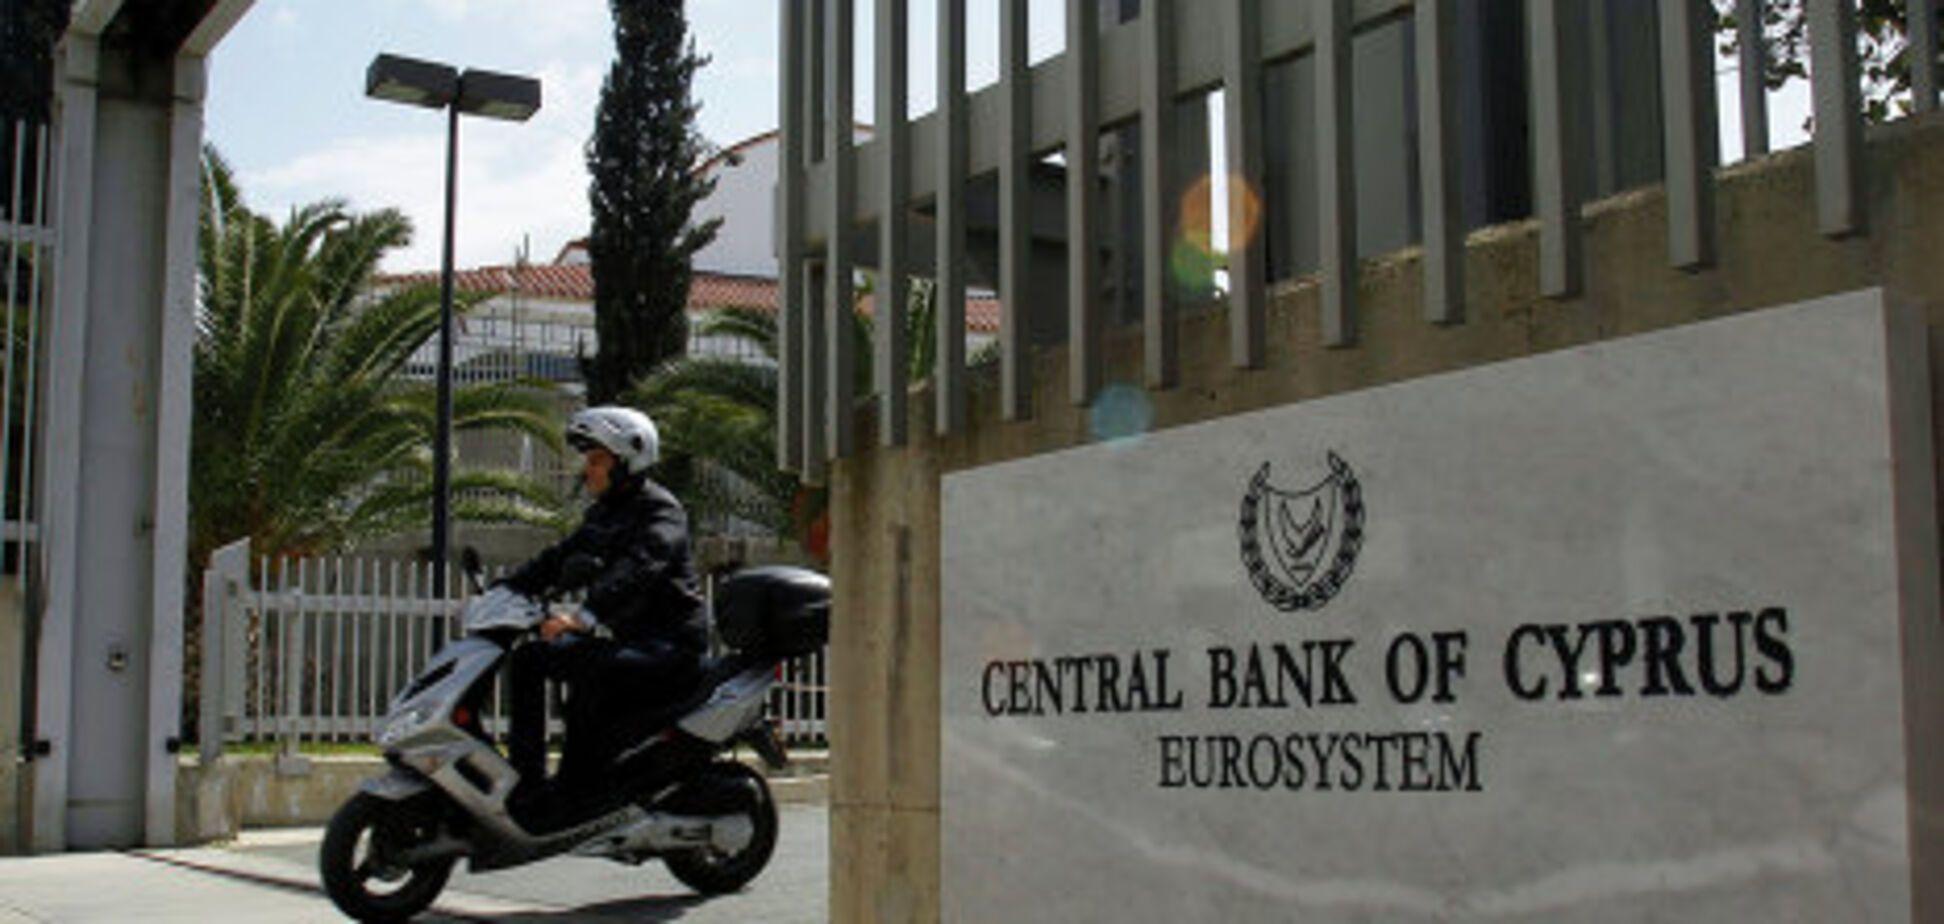 Лавочку прикроют: Кипр нанес серьезный удар по мировым офшорам